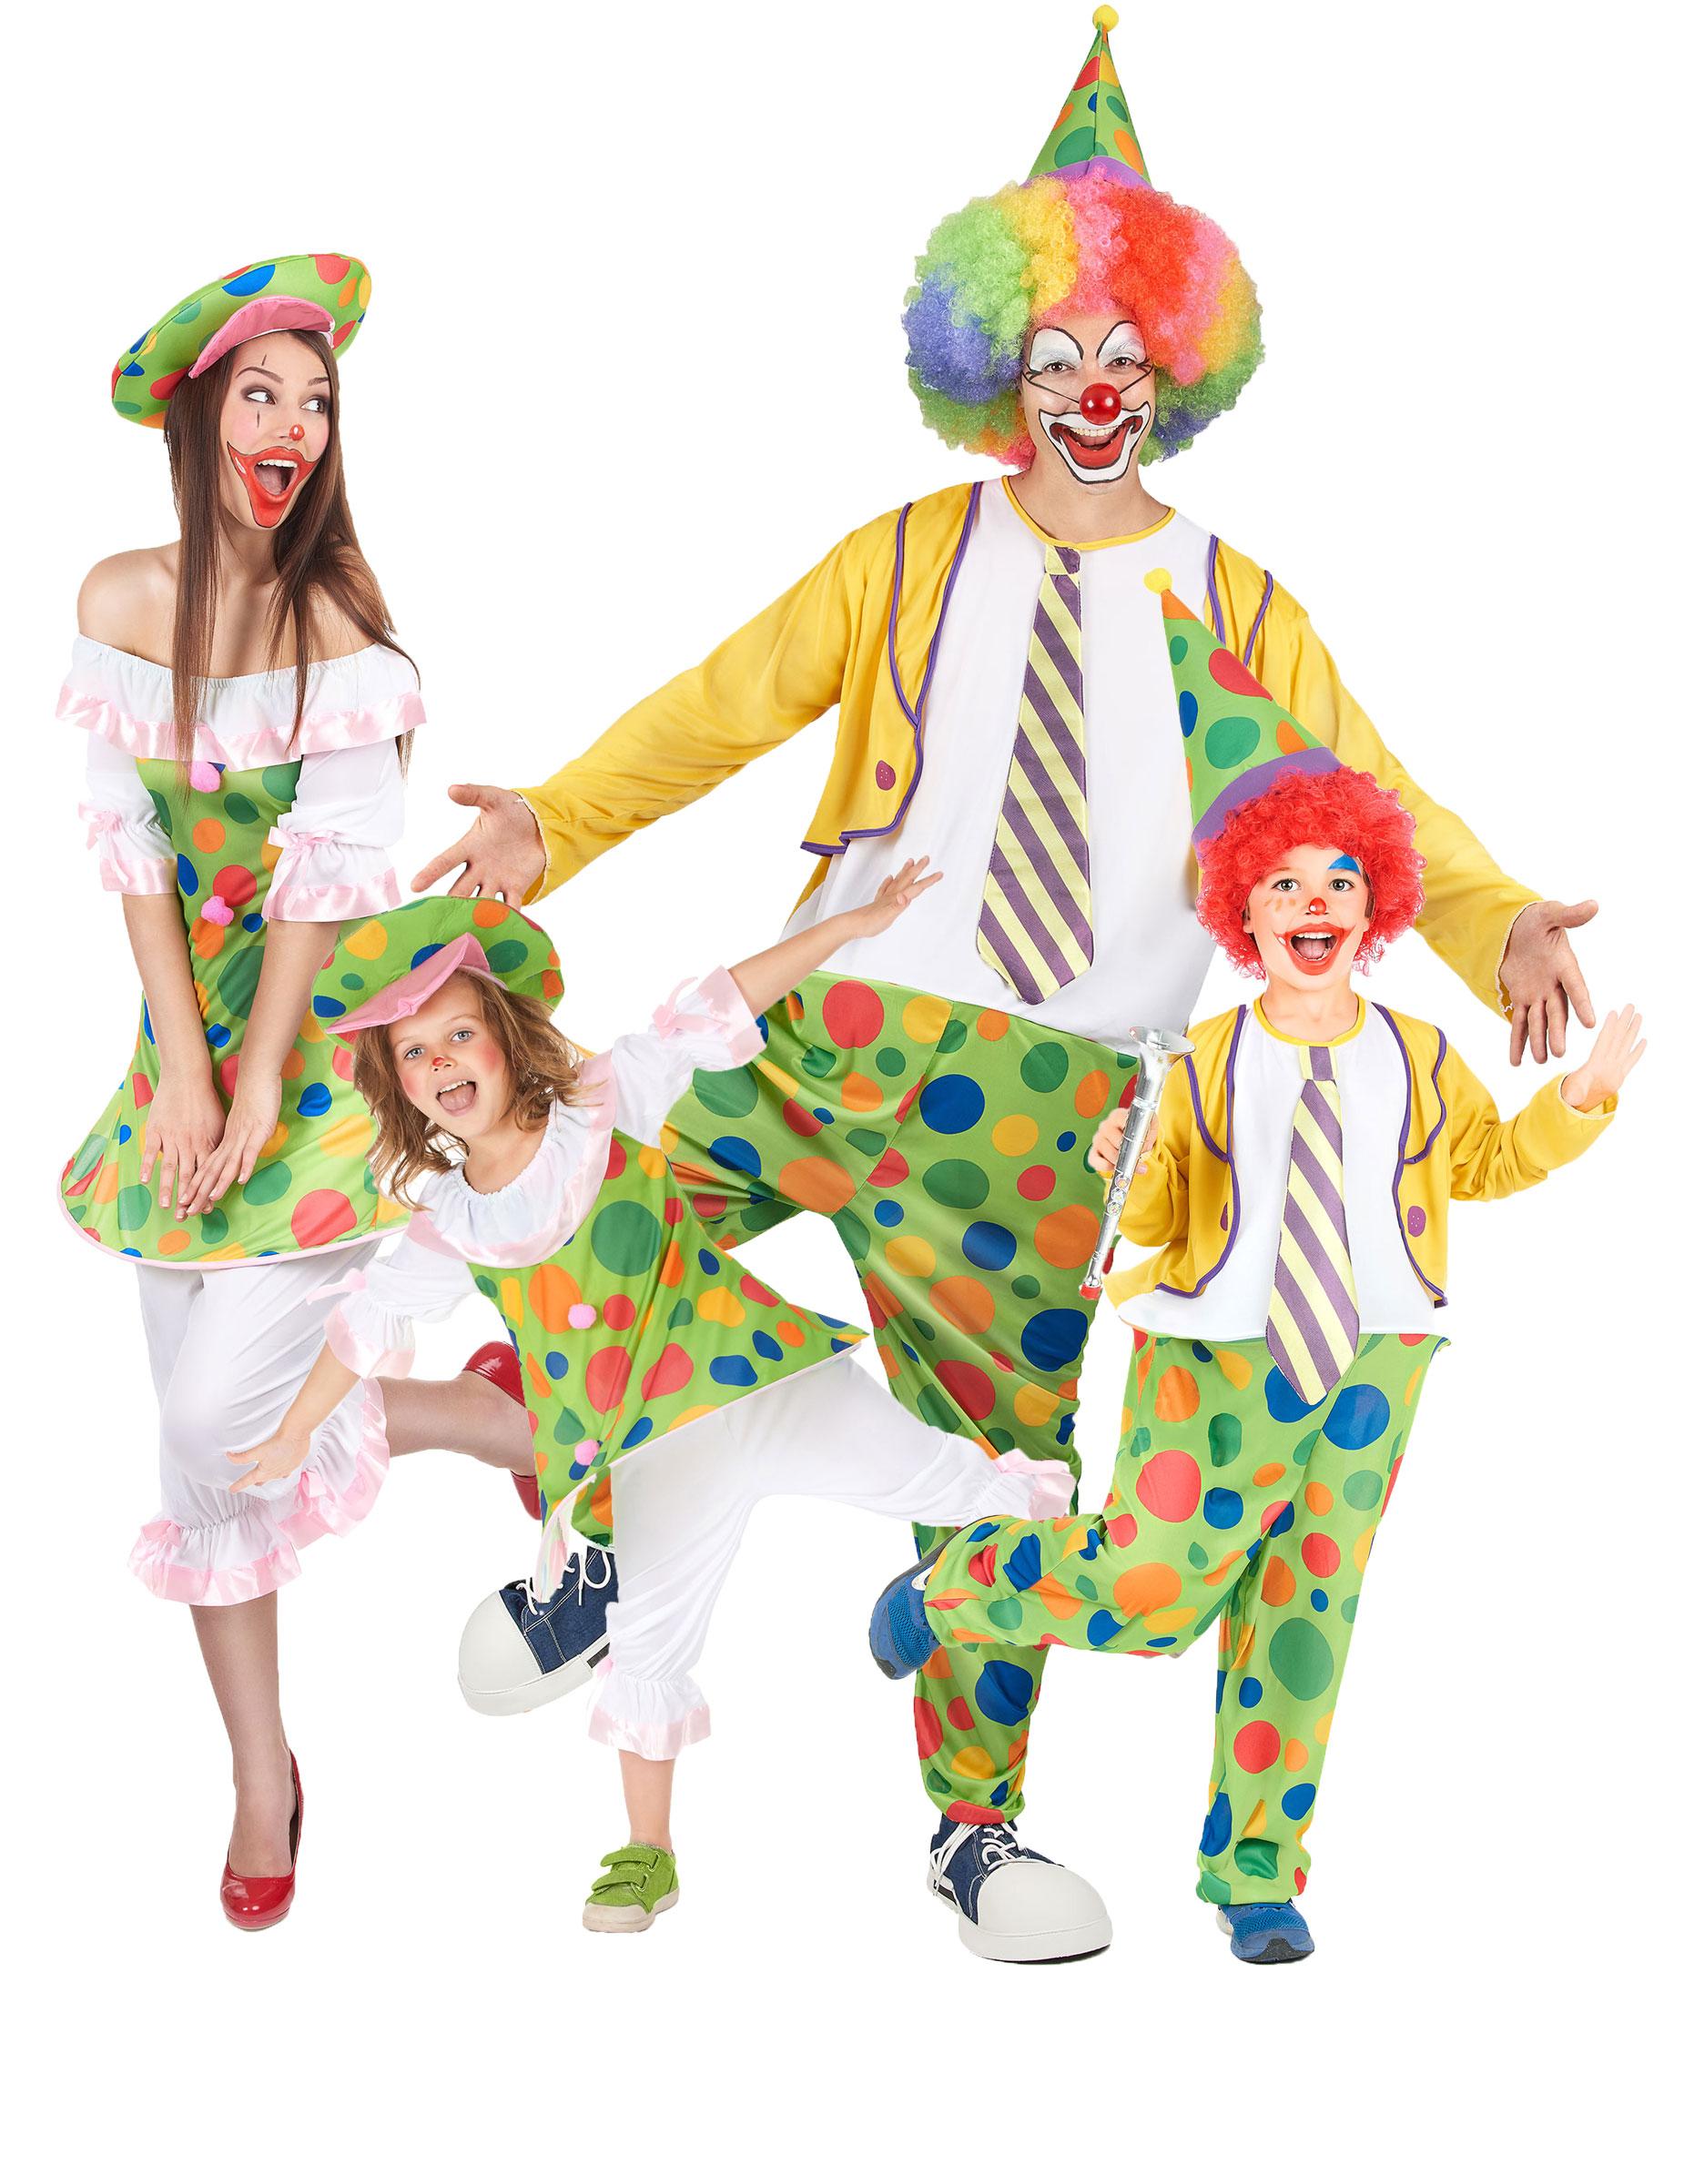 lustiges clown kost m set f r familien bunt. Black Bedroom Furniture Sets. Home Design Ideas